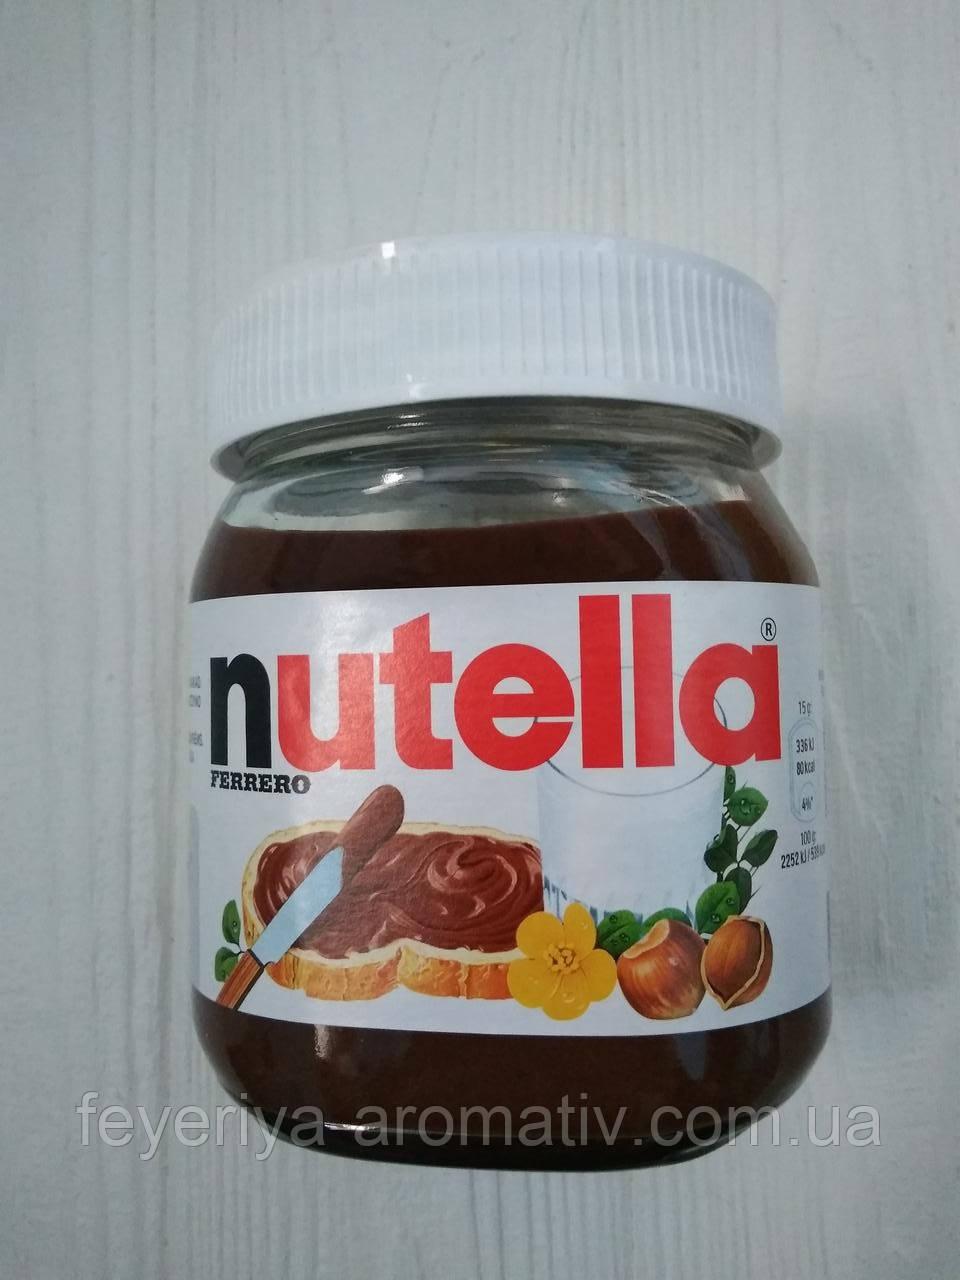 Шоколадно - ореховая паста Nutella 350гр. (Германия)